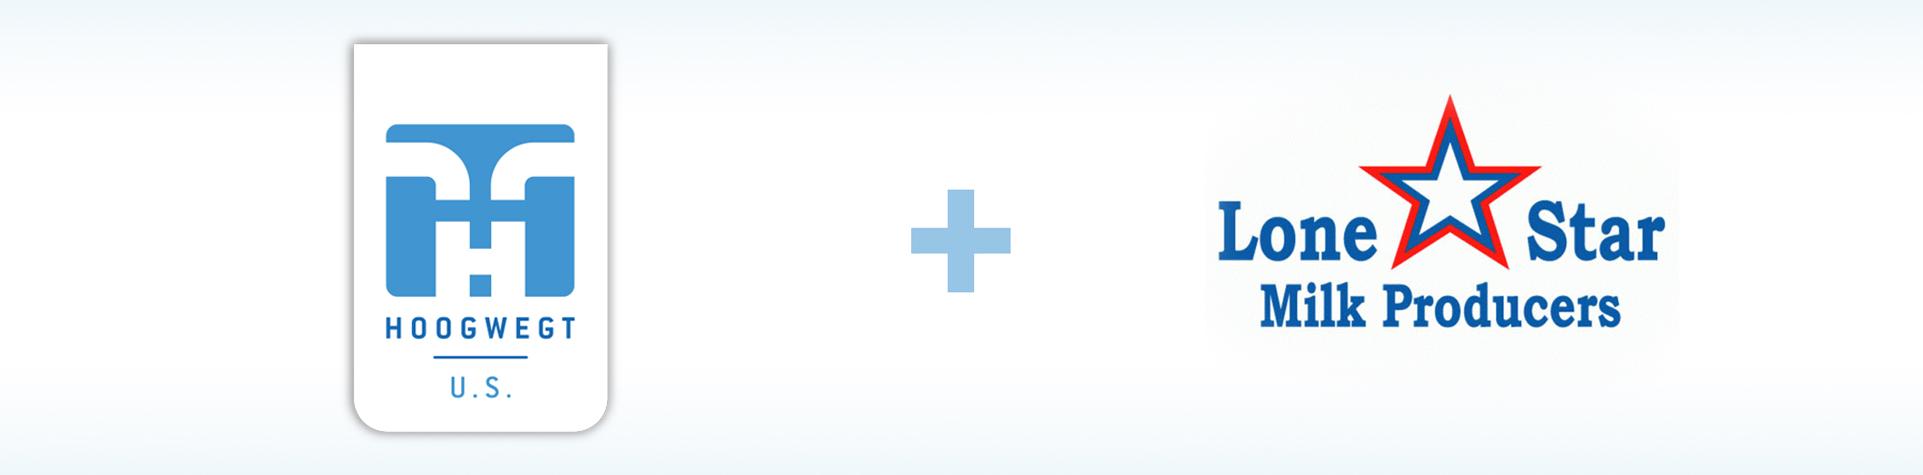 sliders_v3-2.jpg